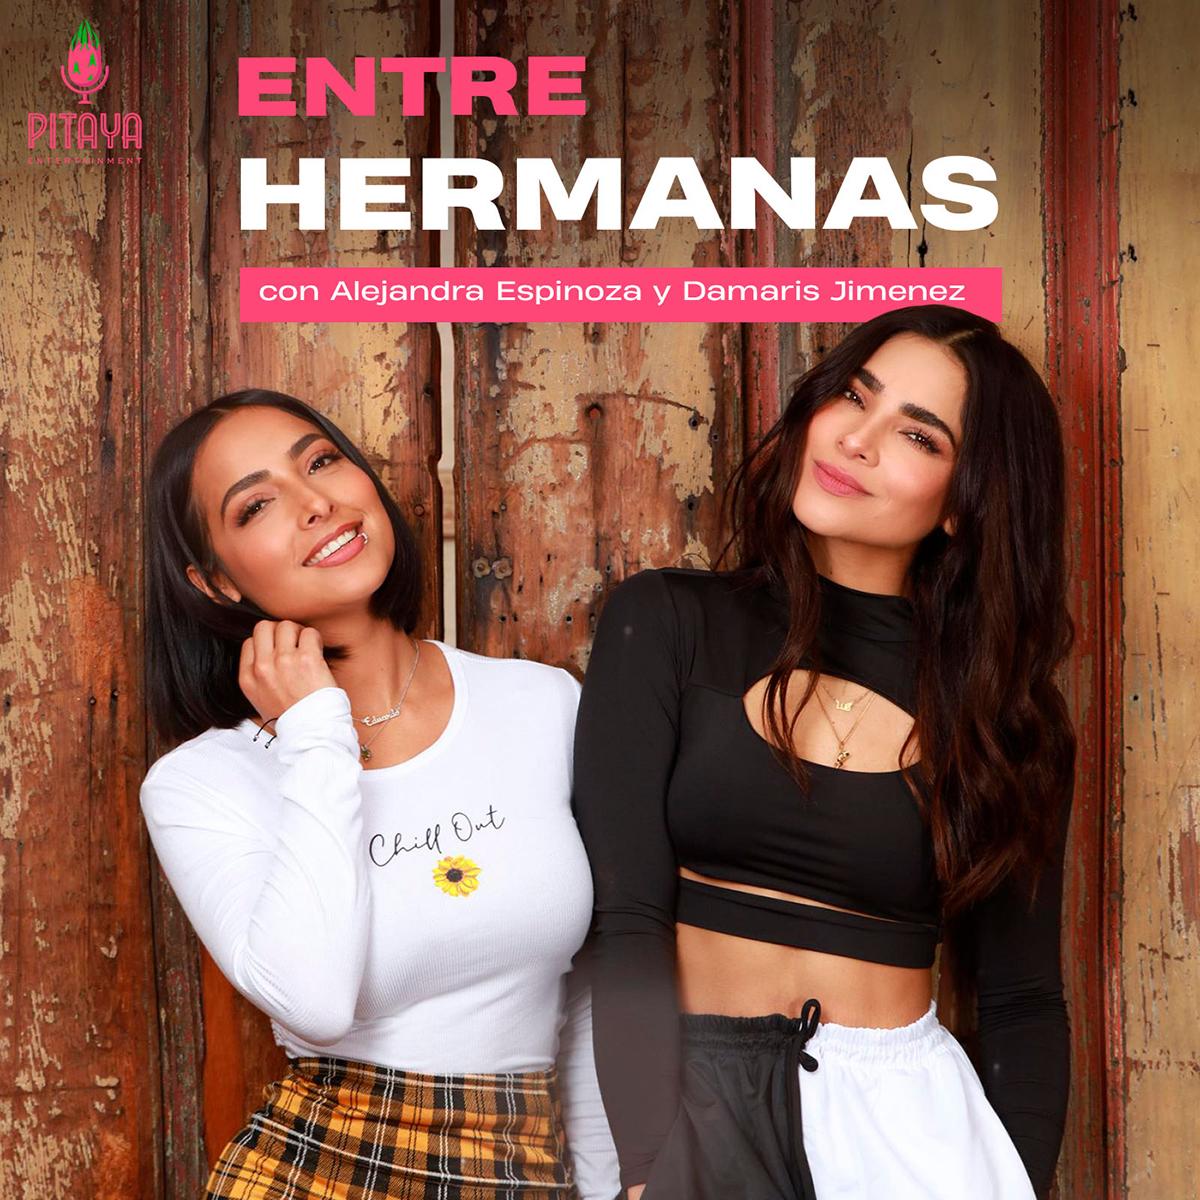 Alejandra Espinoza y su hermana Damaris Jiménez